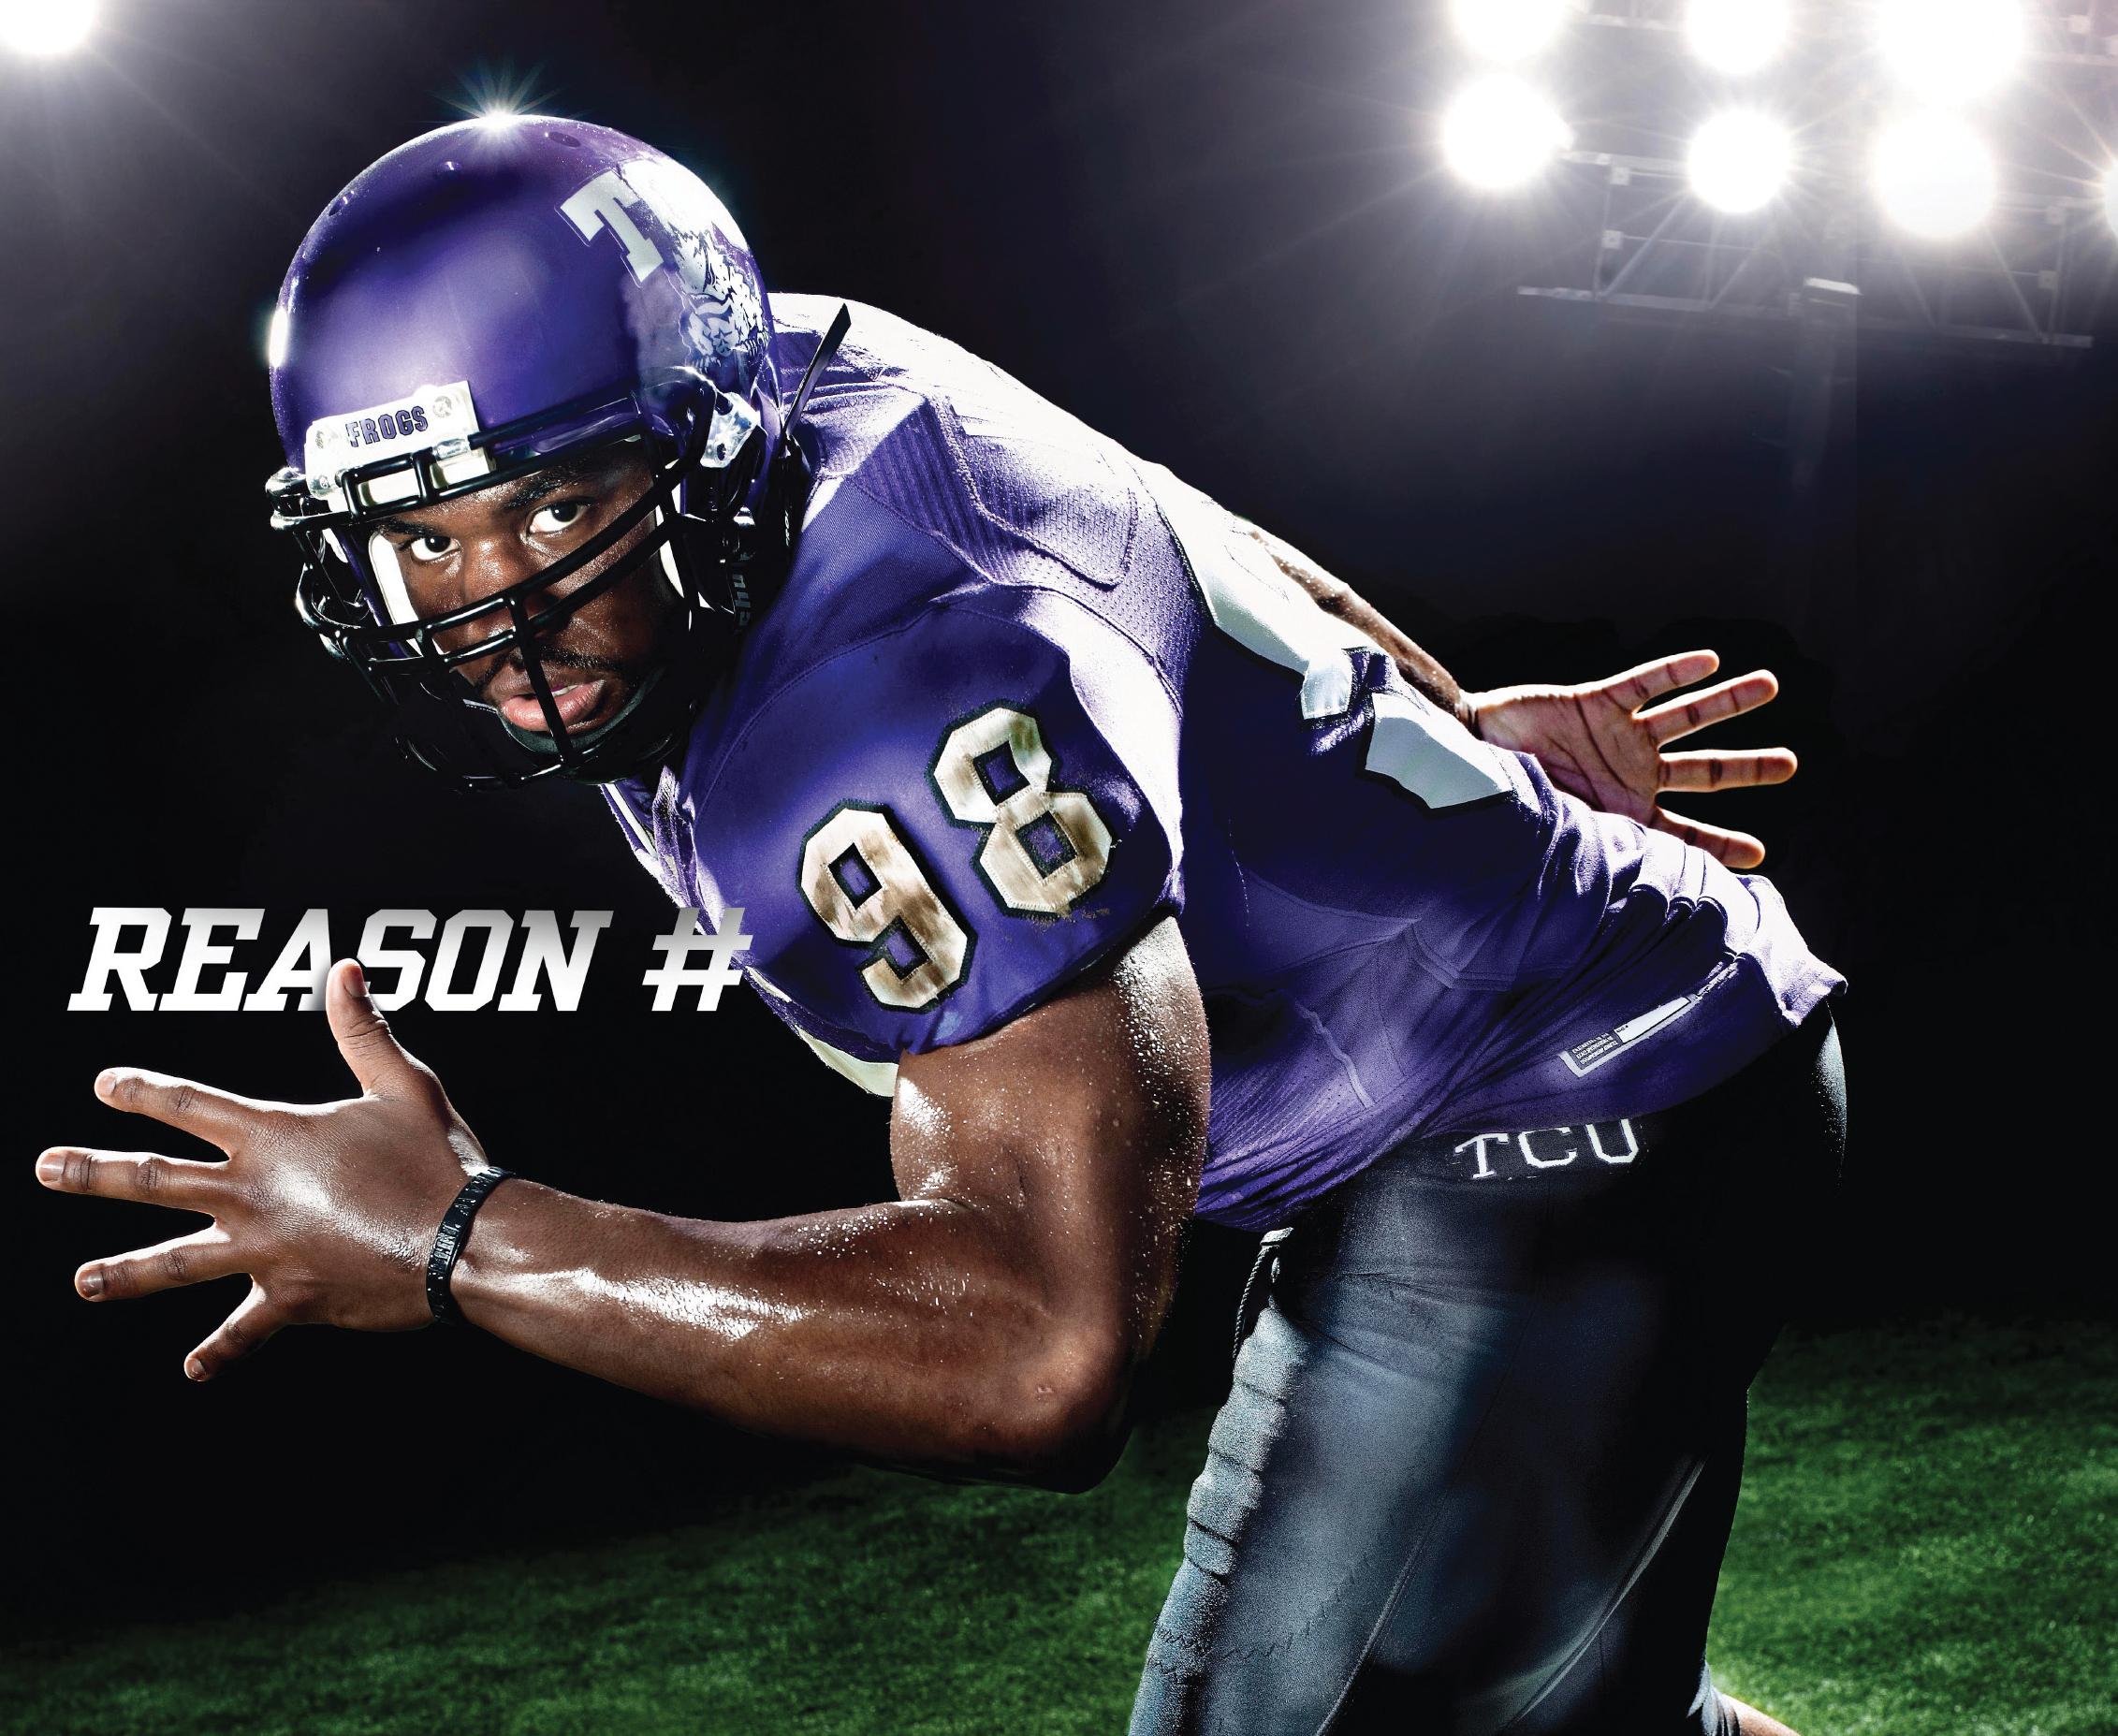 TCU Football